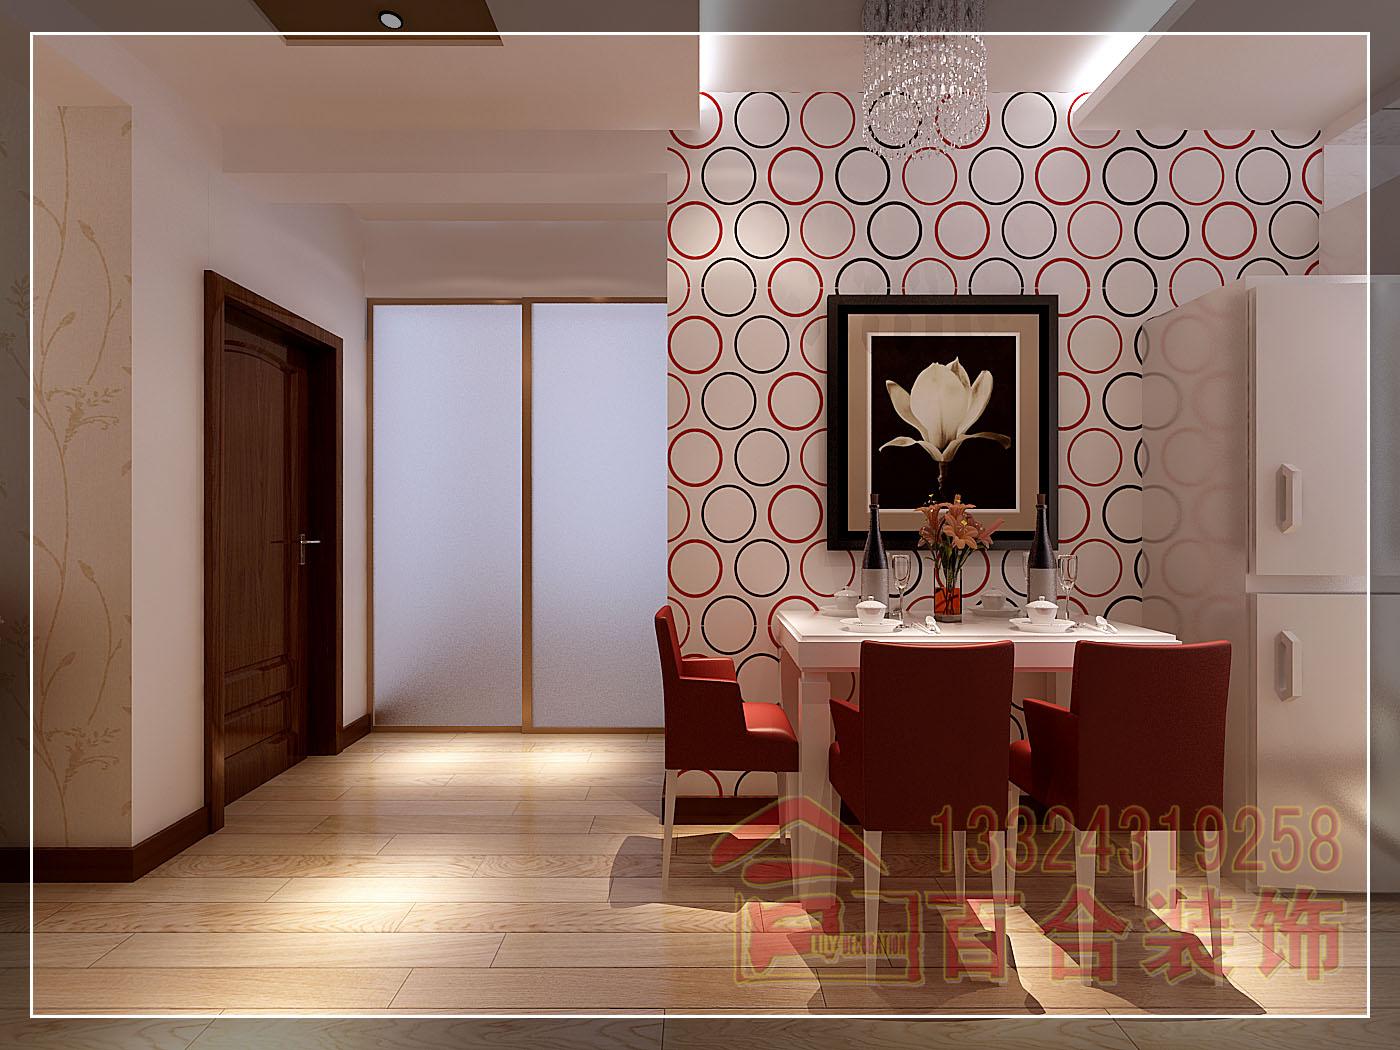 混搭 白领 餐厅图片来自吉林百合装饰集团在绿地新里中央公馆的分享